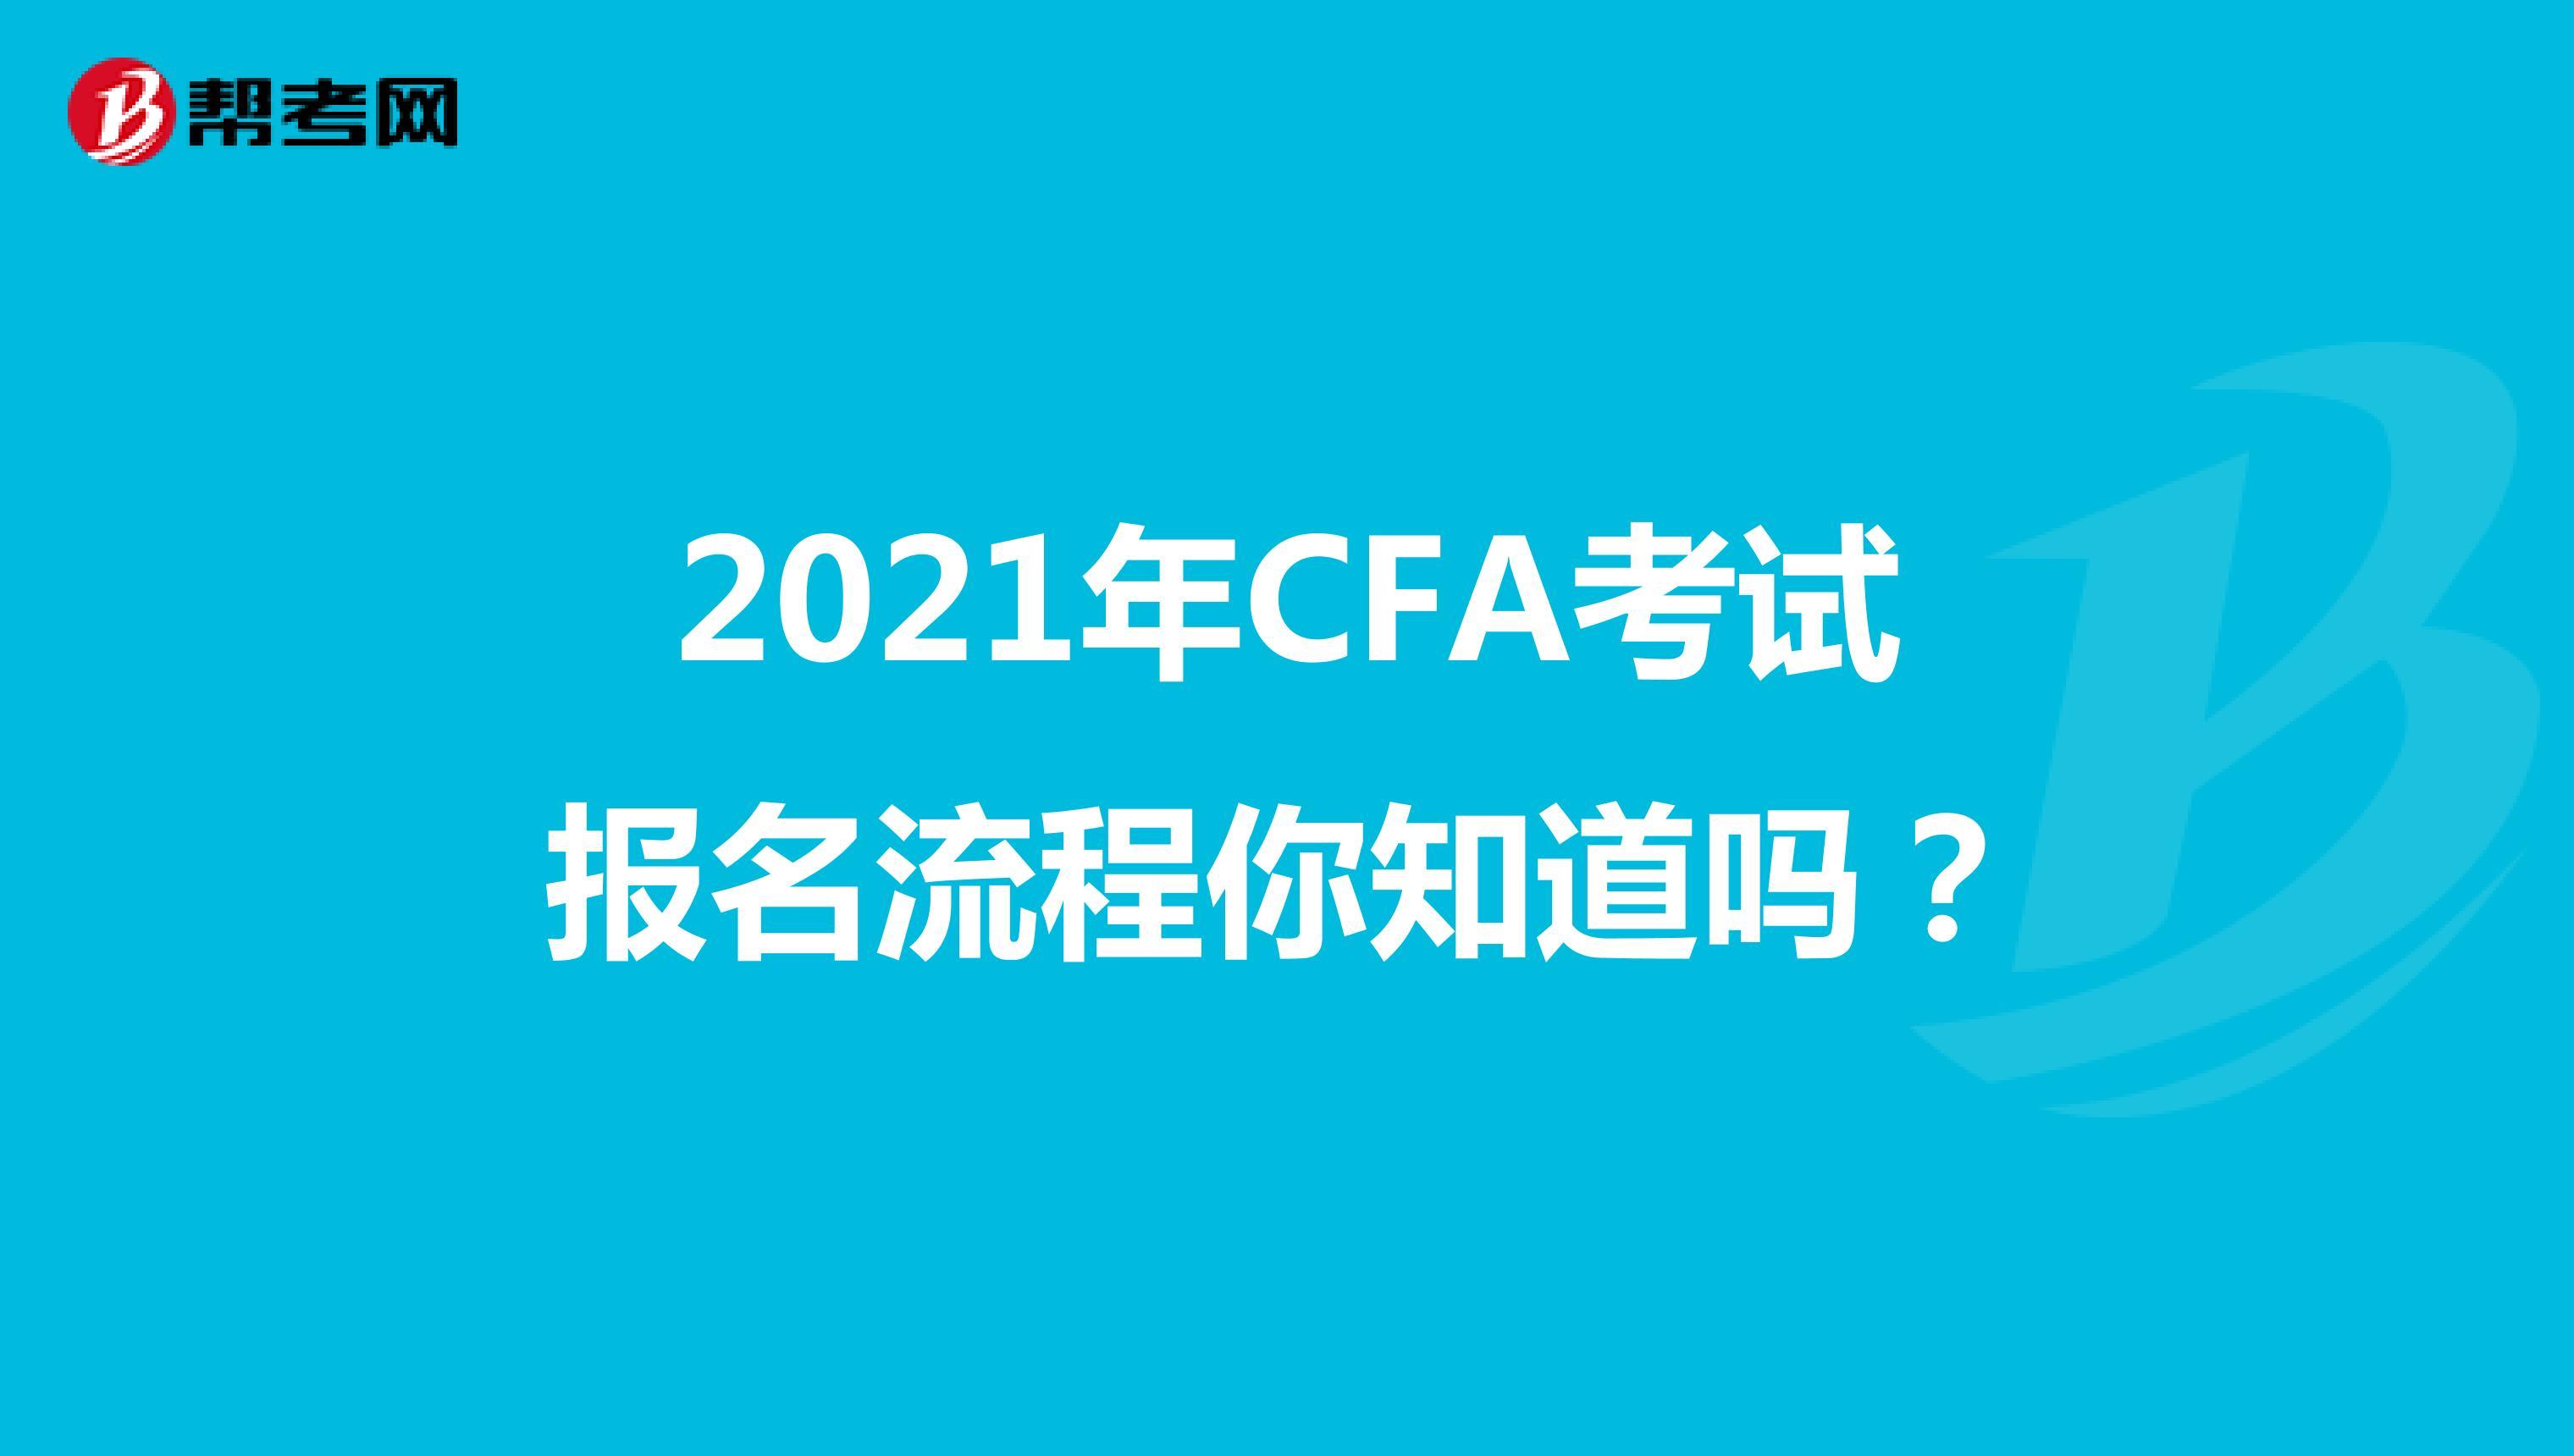 2021年CFA考试报名流程你知道吗?